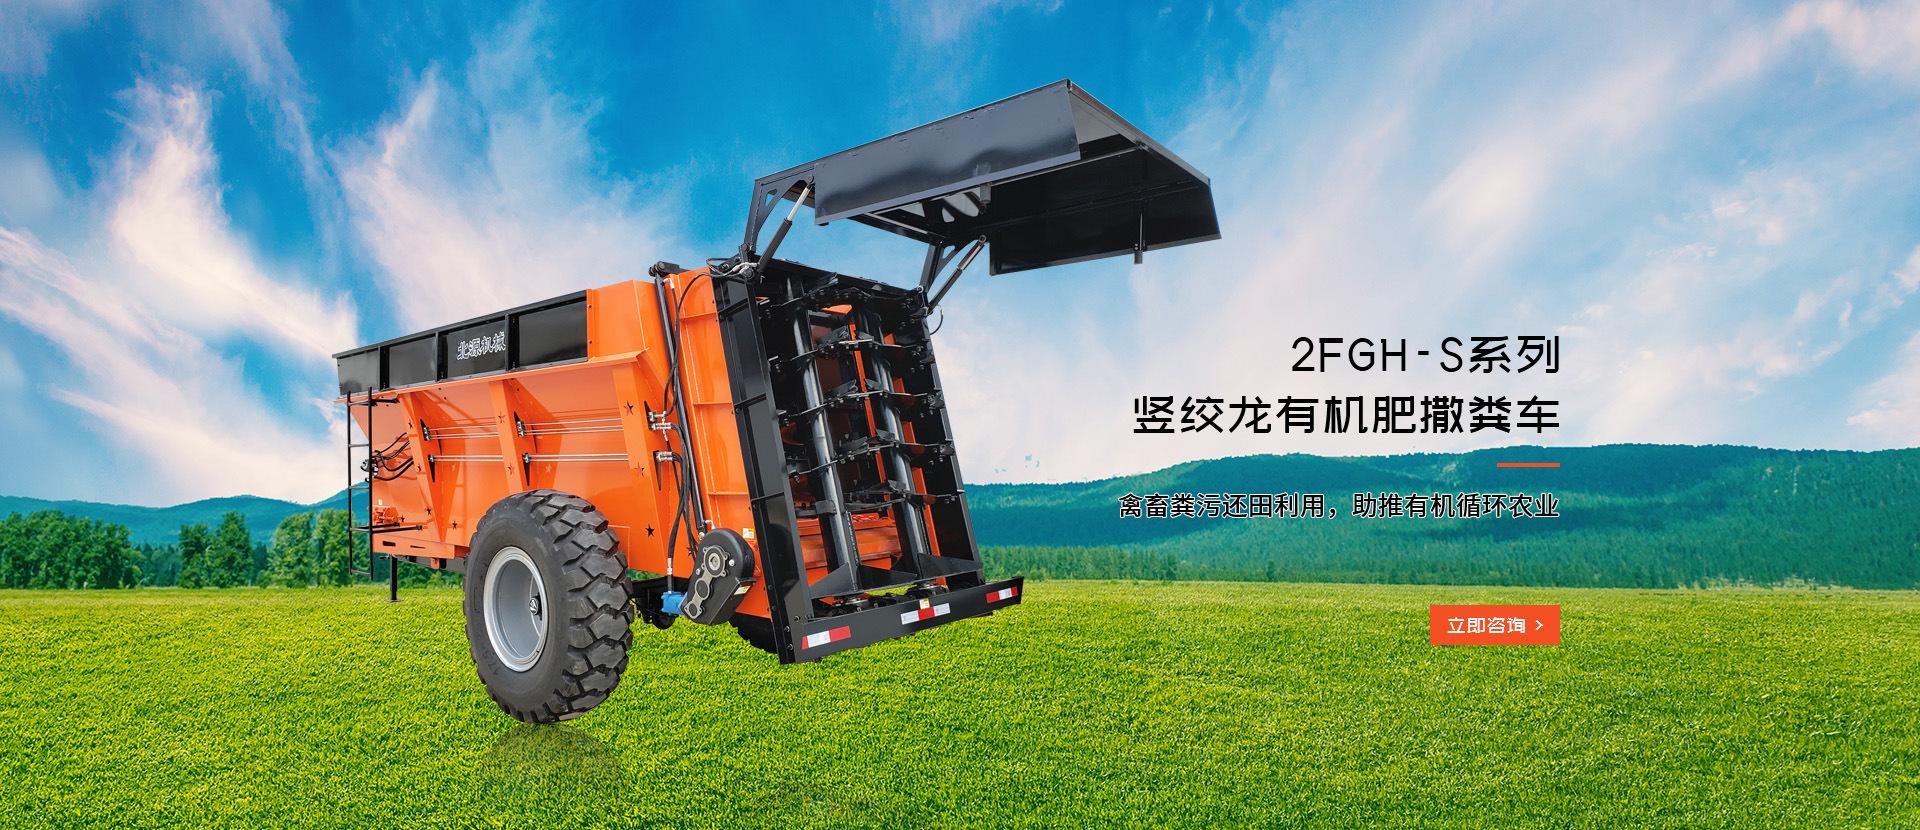 2FGH-10S